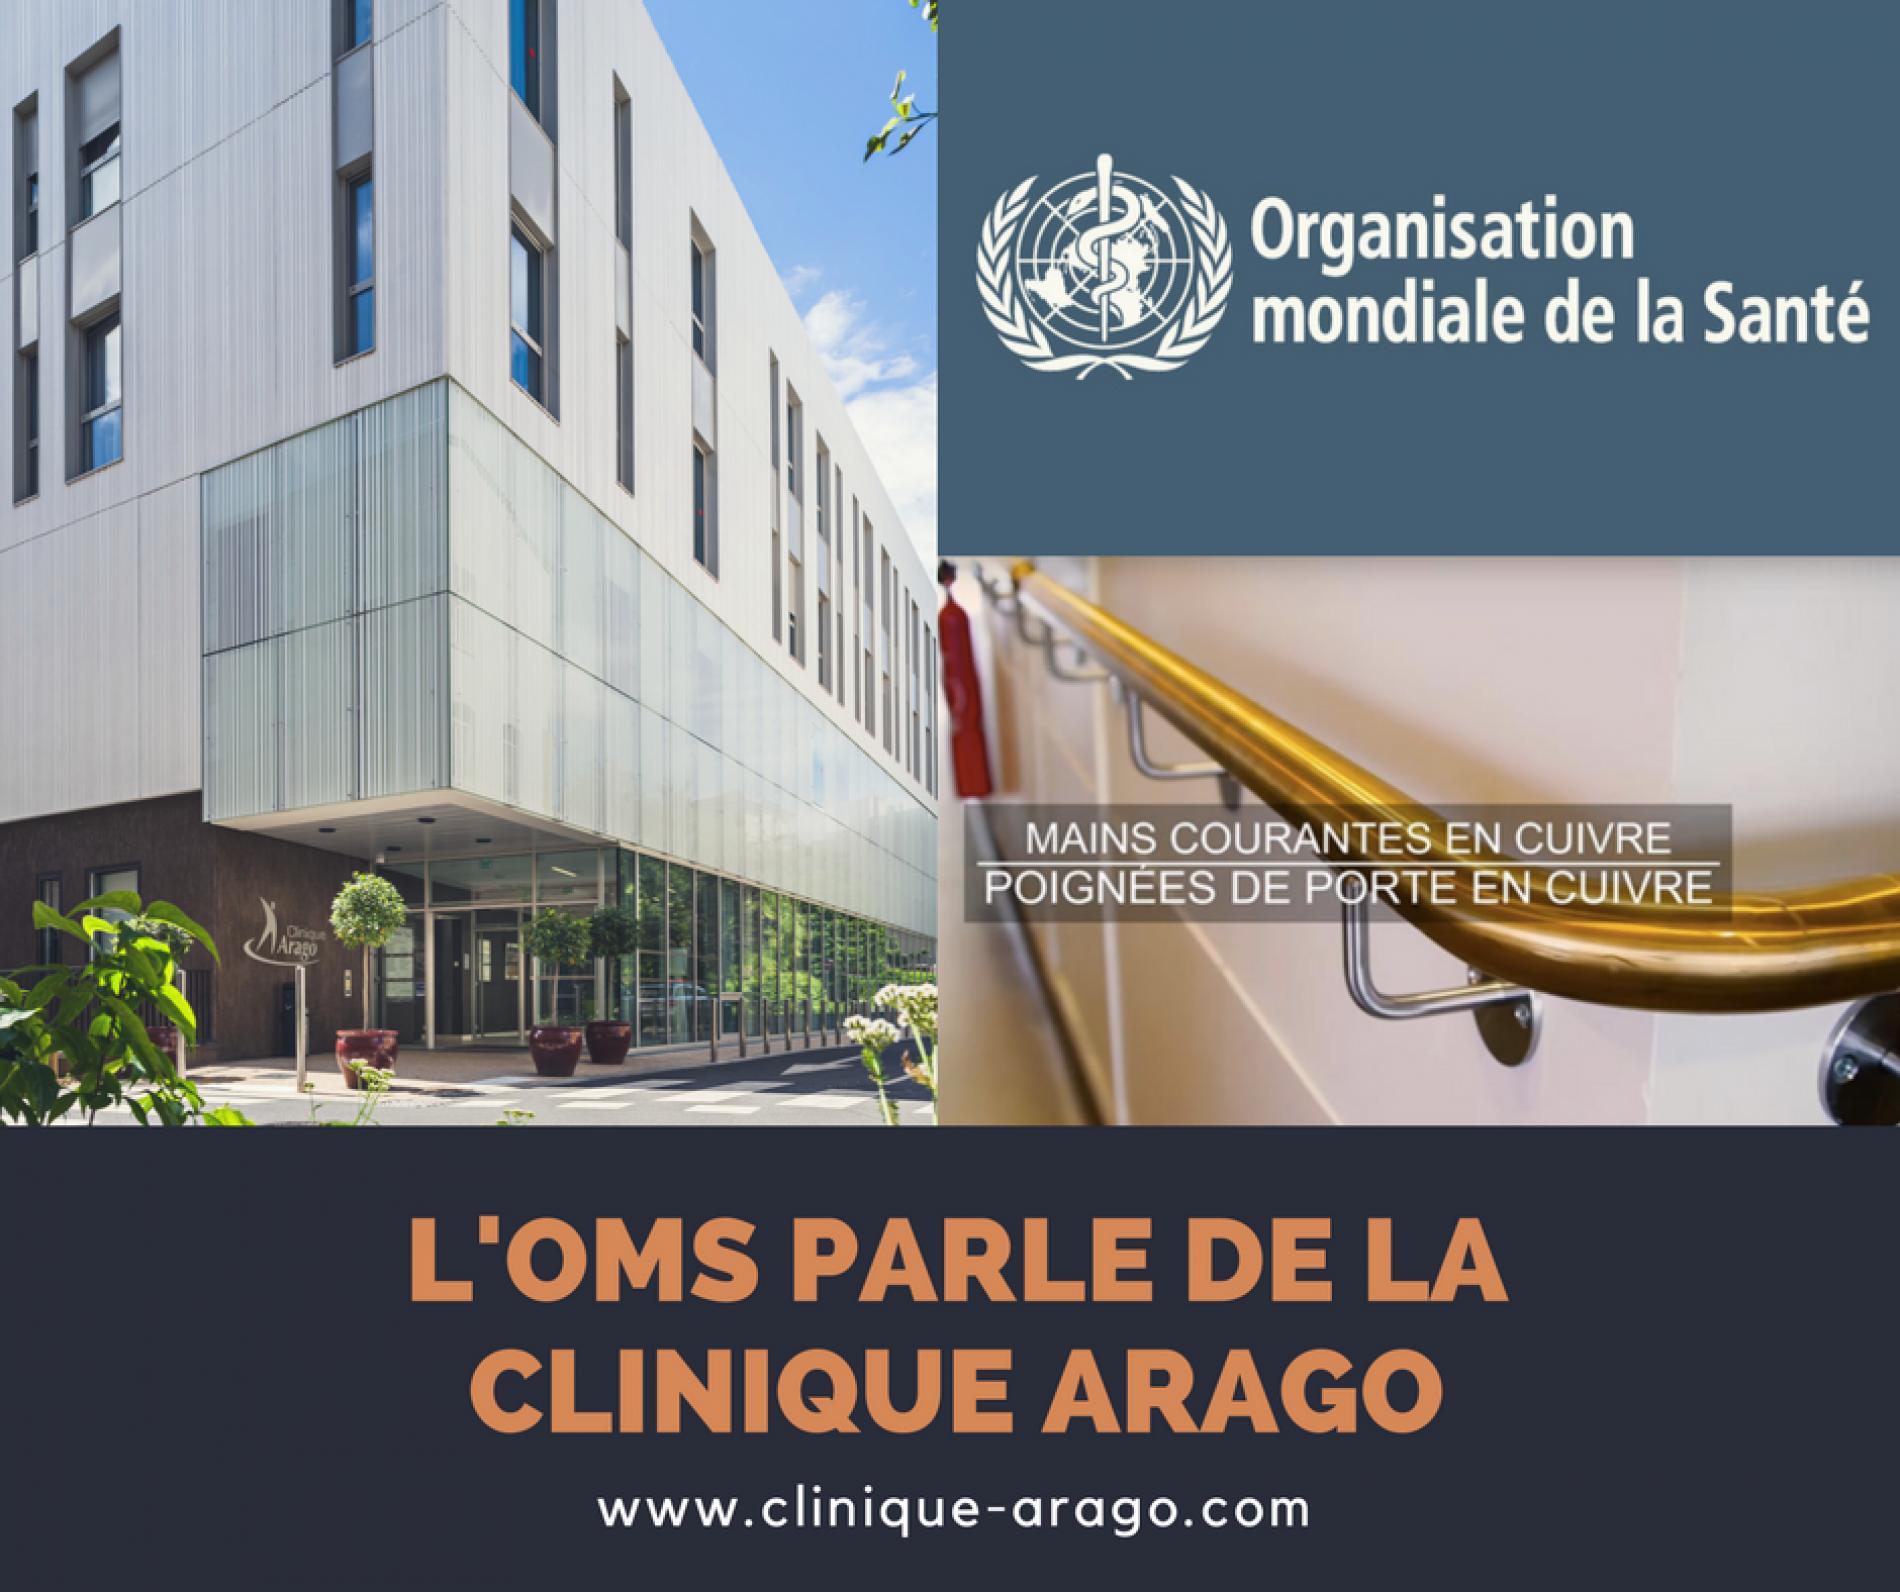 L'OMS parle de la clinique Arago